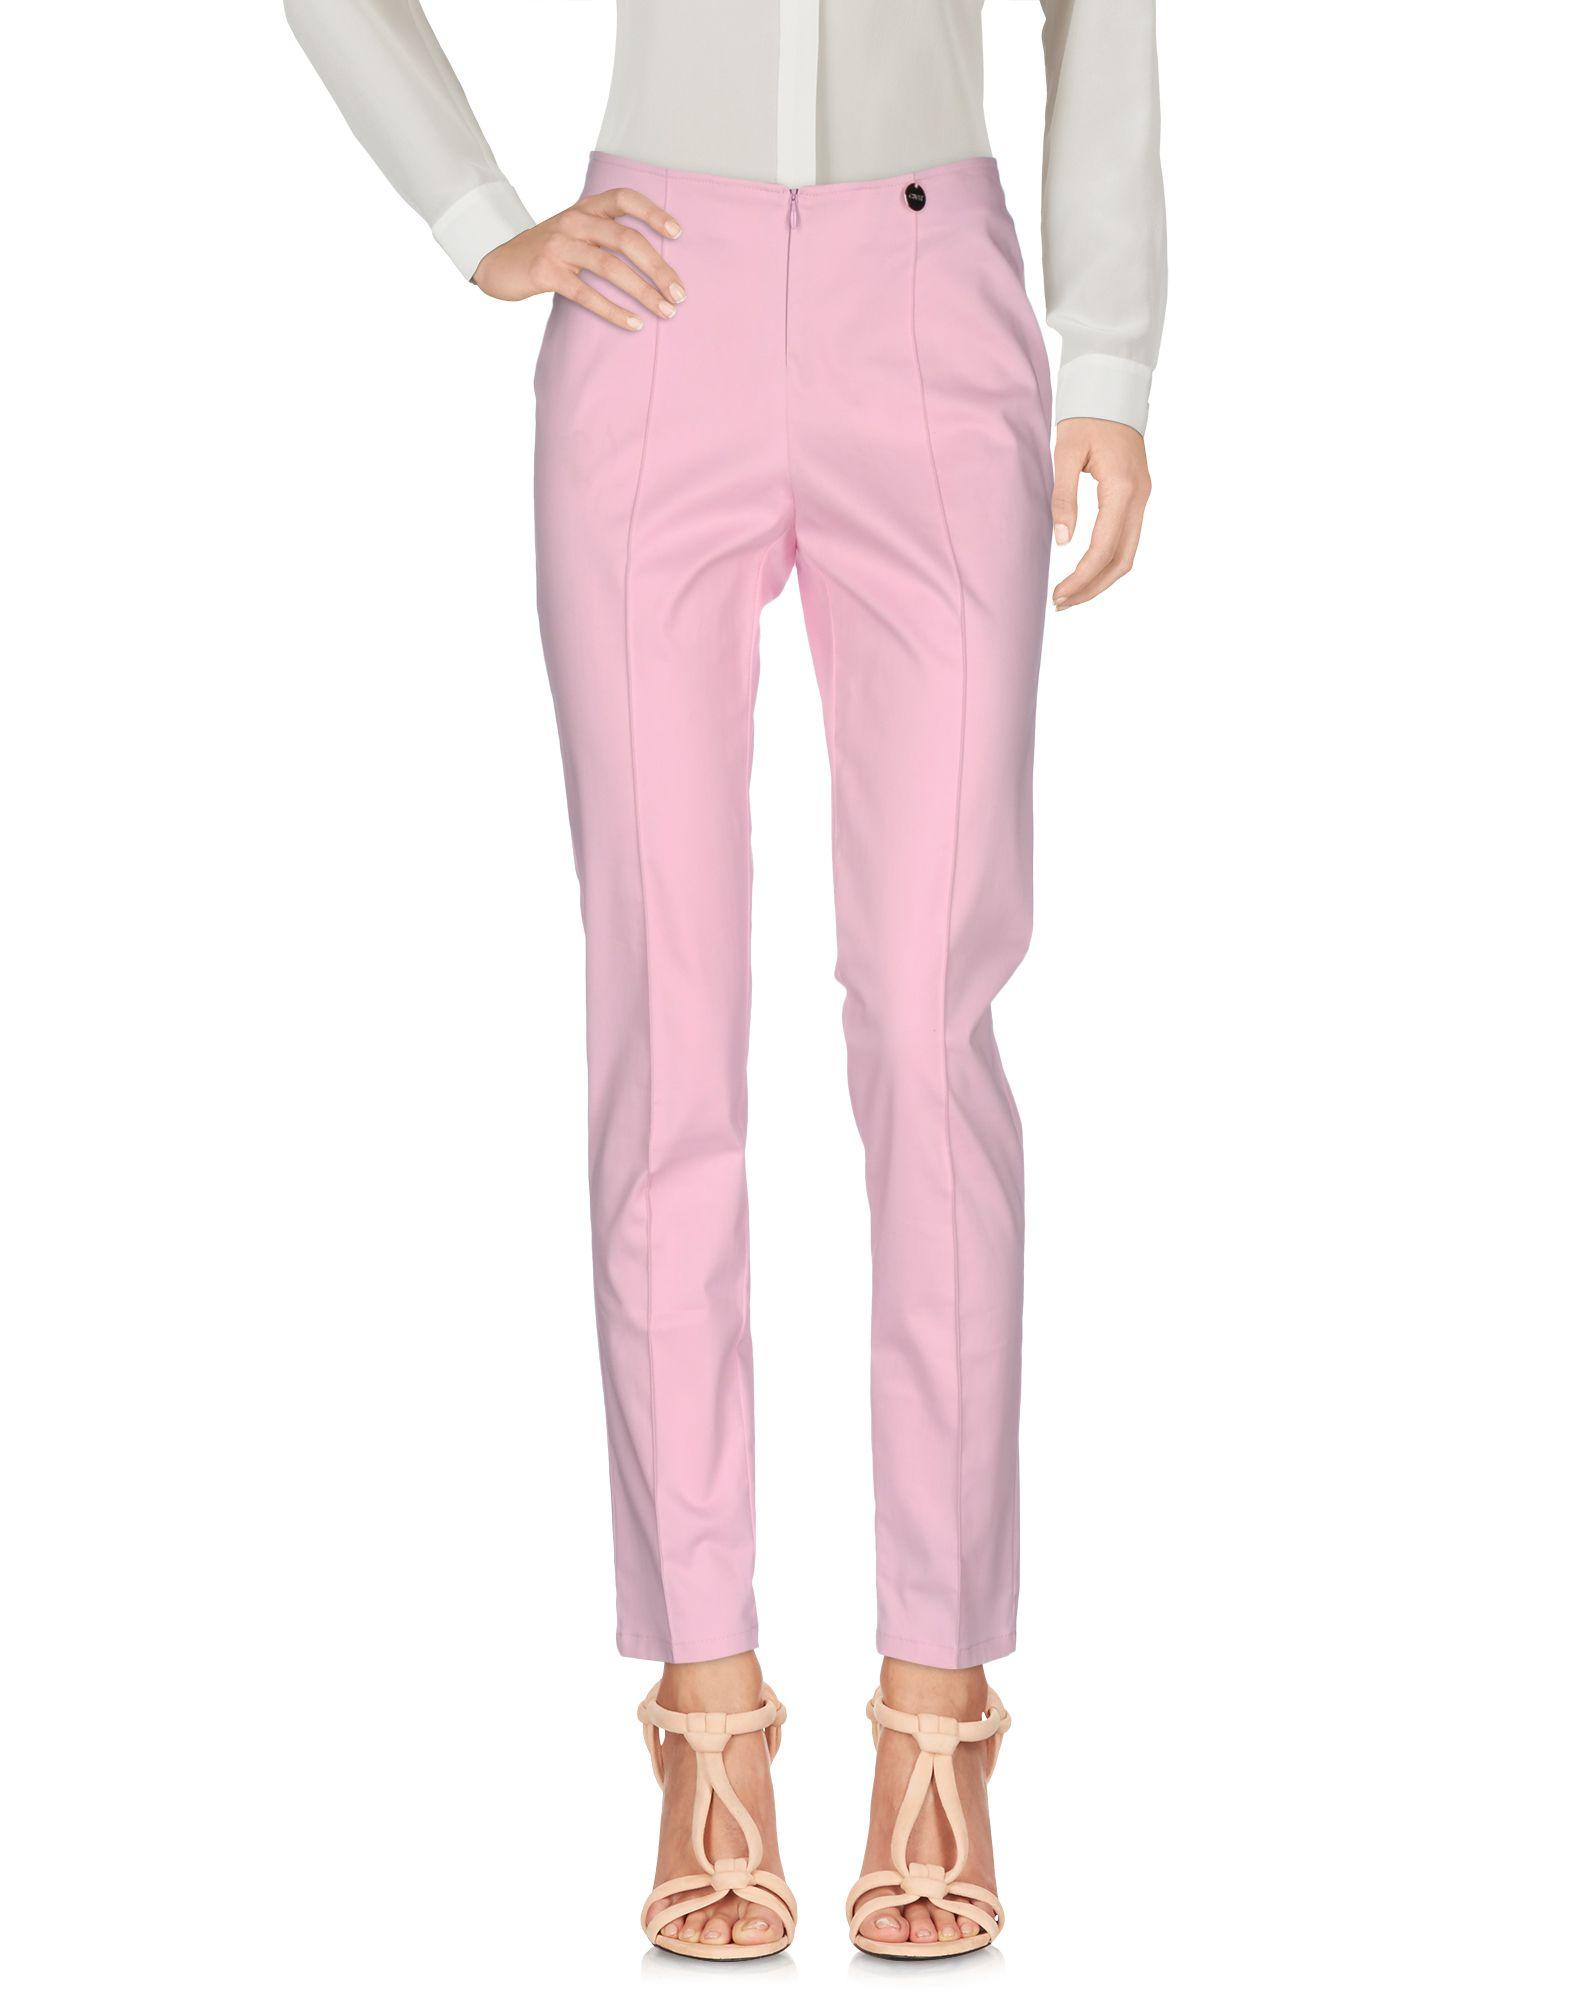 CIVIT Damen Hose Farbe Rosa Größe 6 - broschei